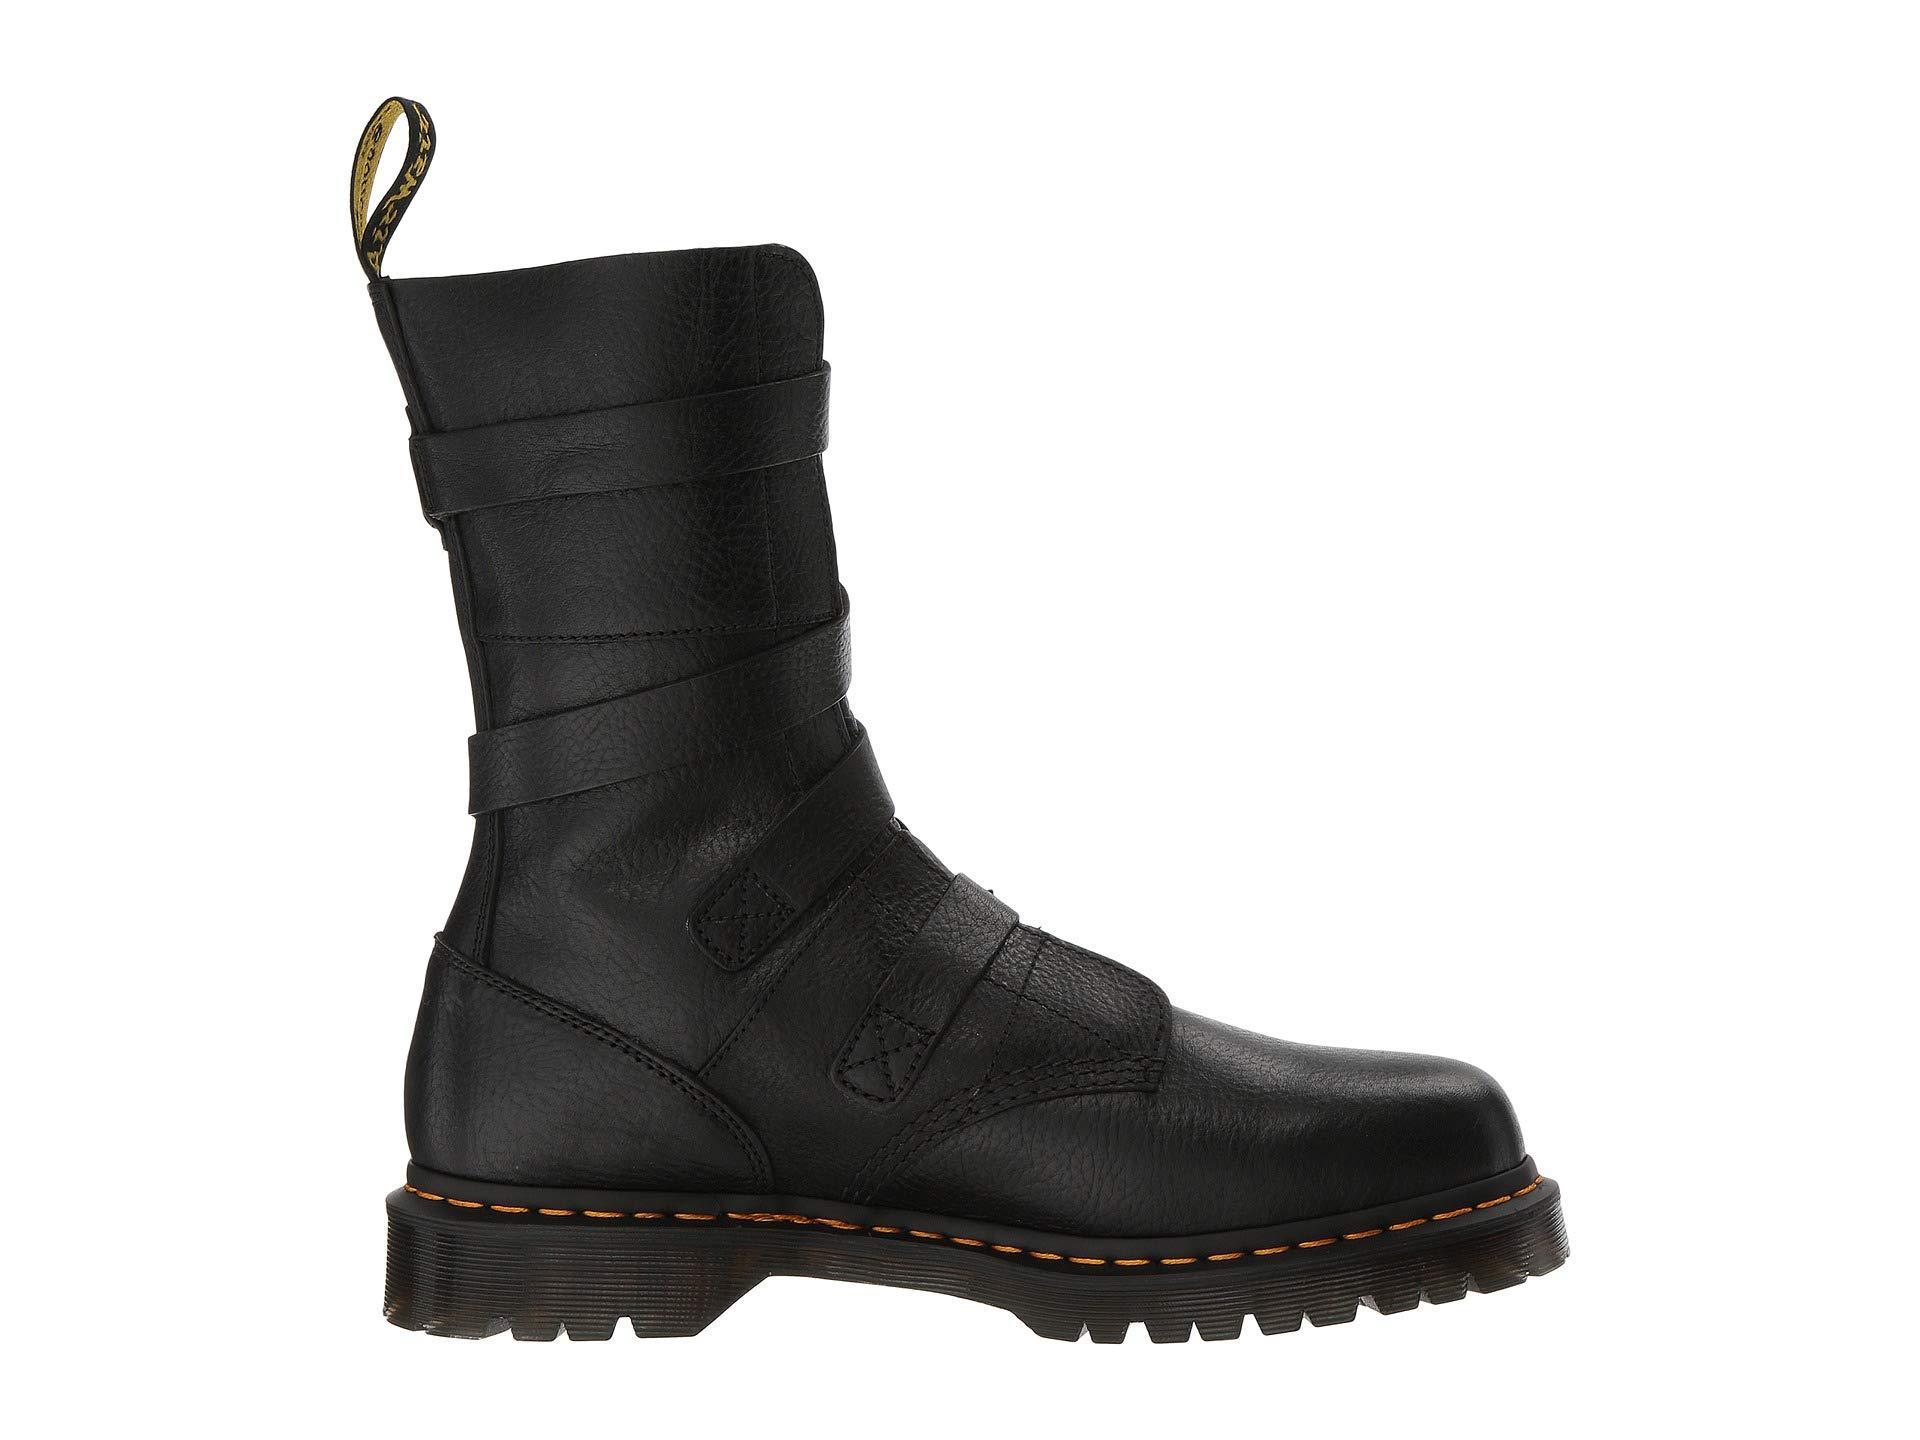 Dr. Martens Leather Bevan Core (black